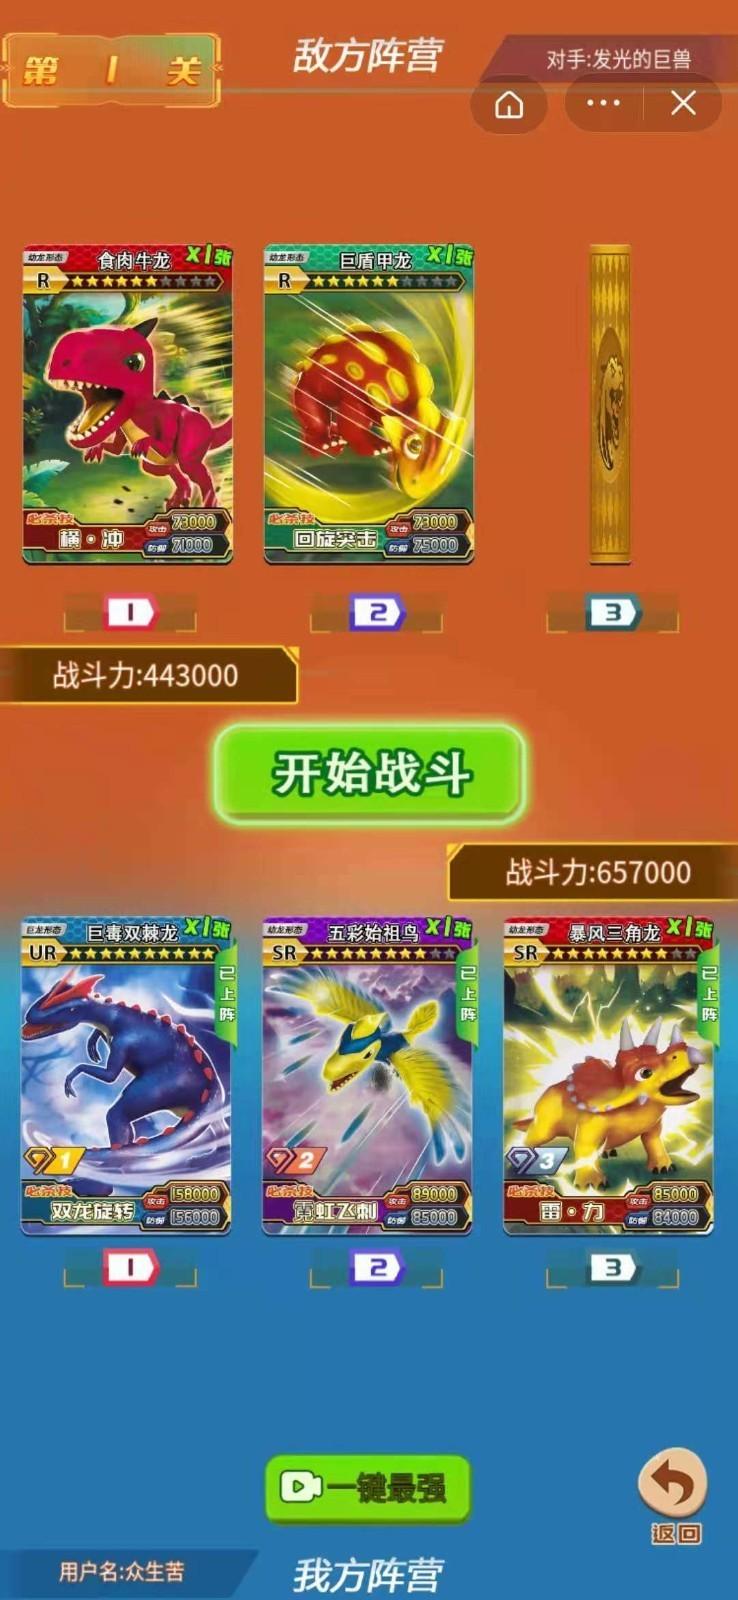 恐龙抽卡对战小游戏截图2